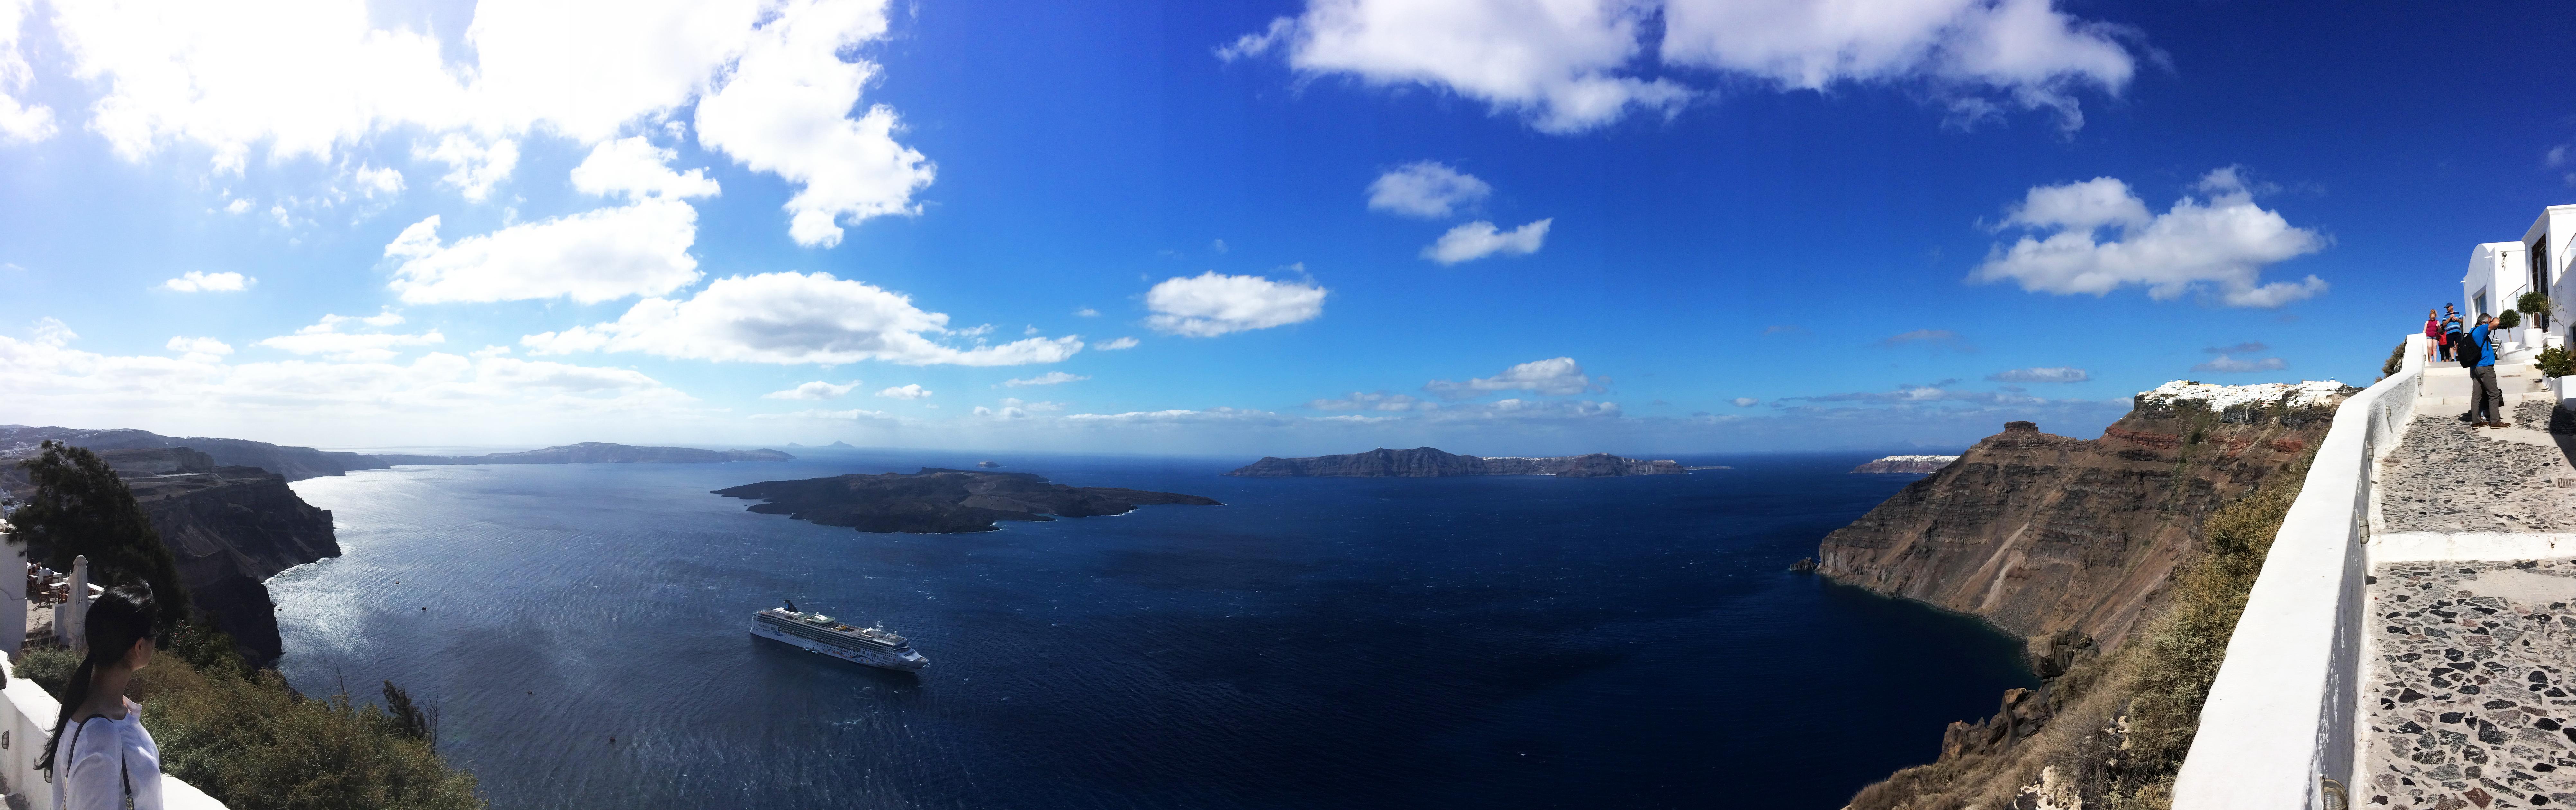 navire croiseur Santorin Grèce îles de la mer panorama paysage